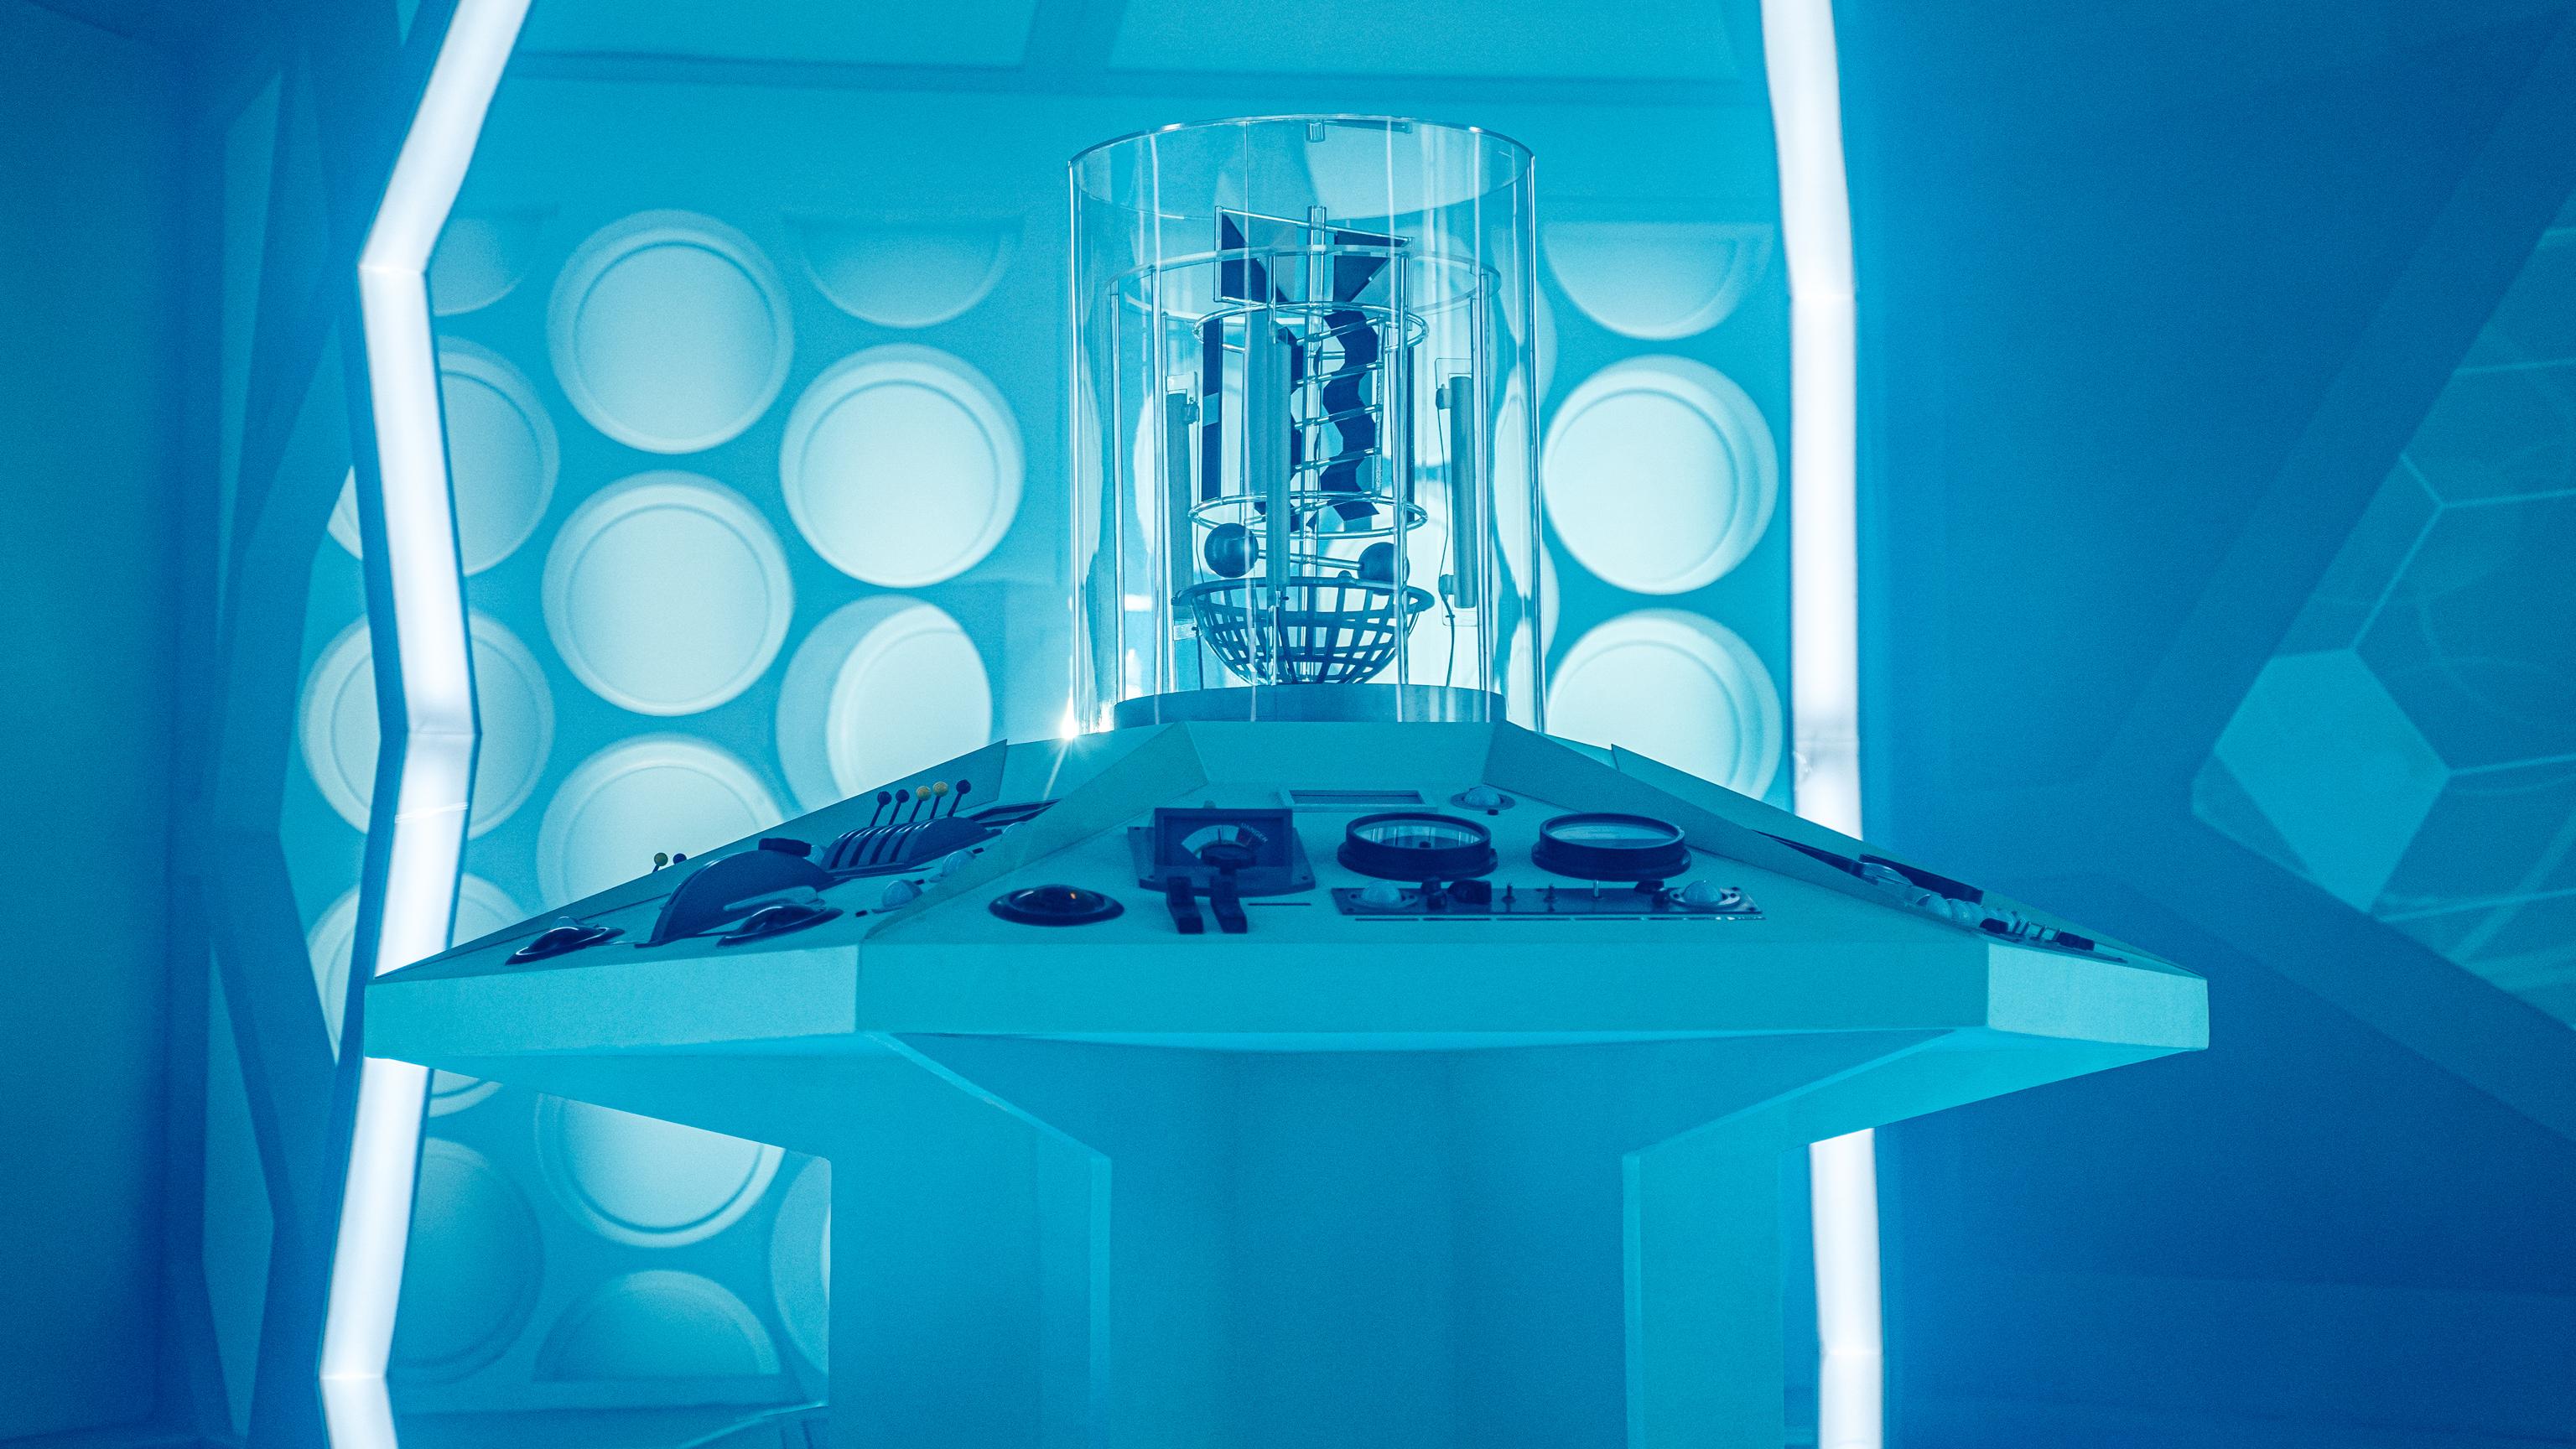 Escenario para la serie de televisión Doctor Who. Masque of Mandragora Tardis 1 (2019). Imagen: BBC TV.